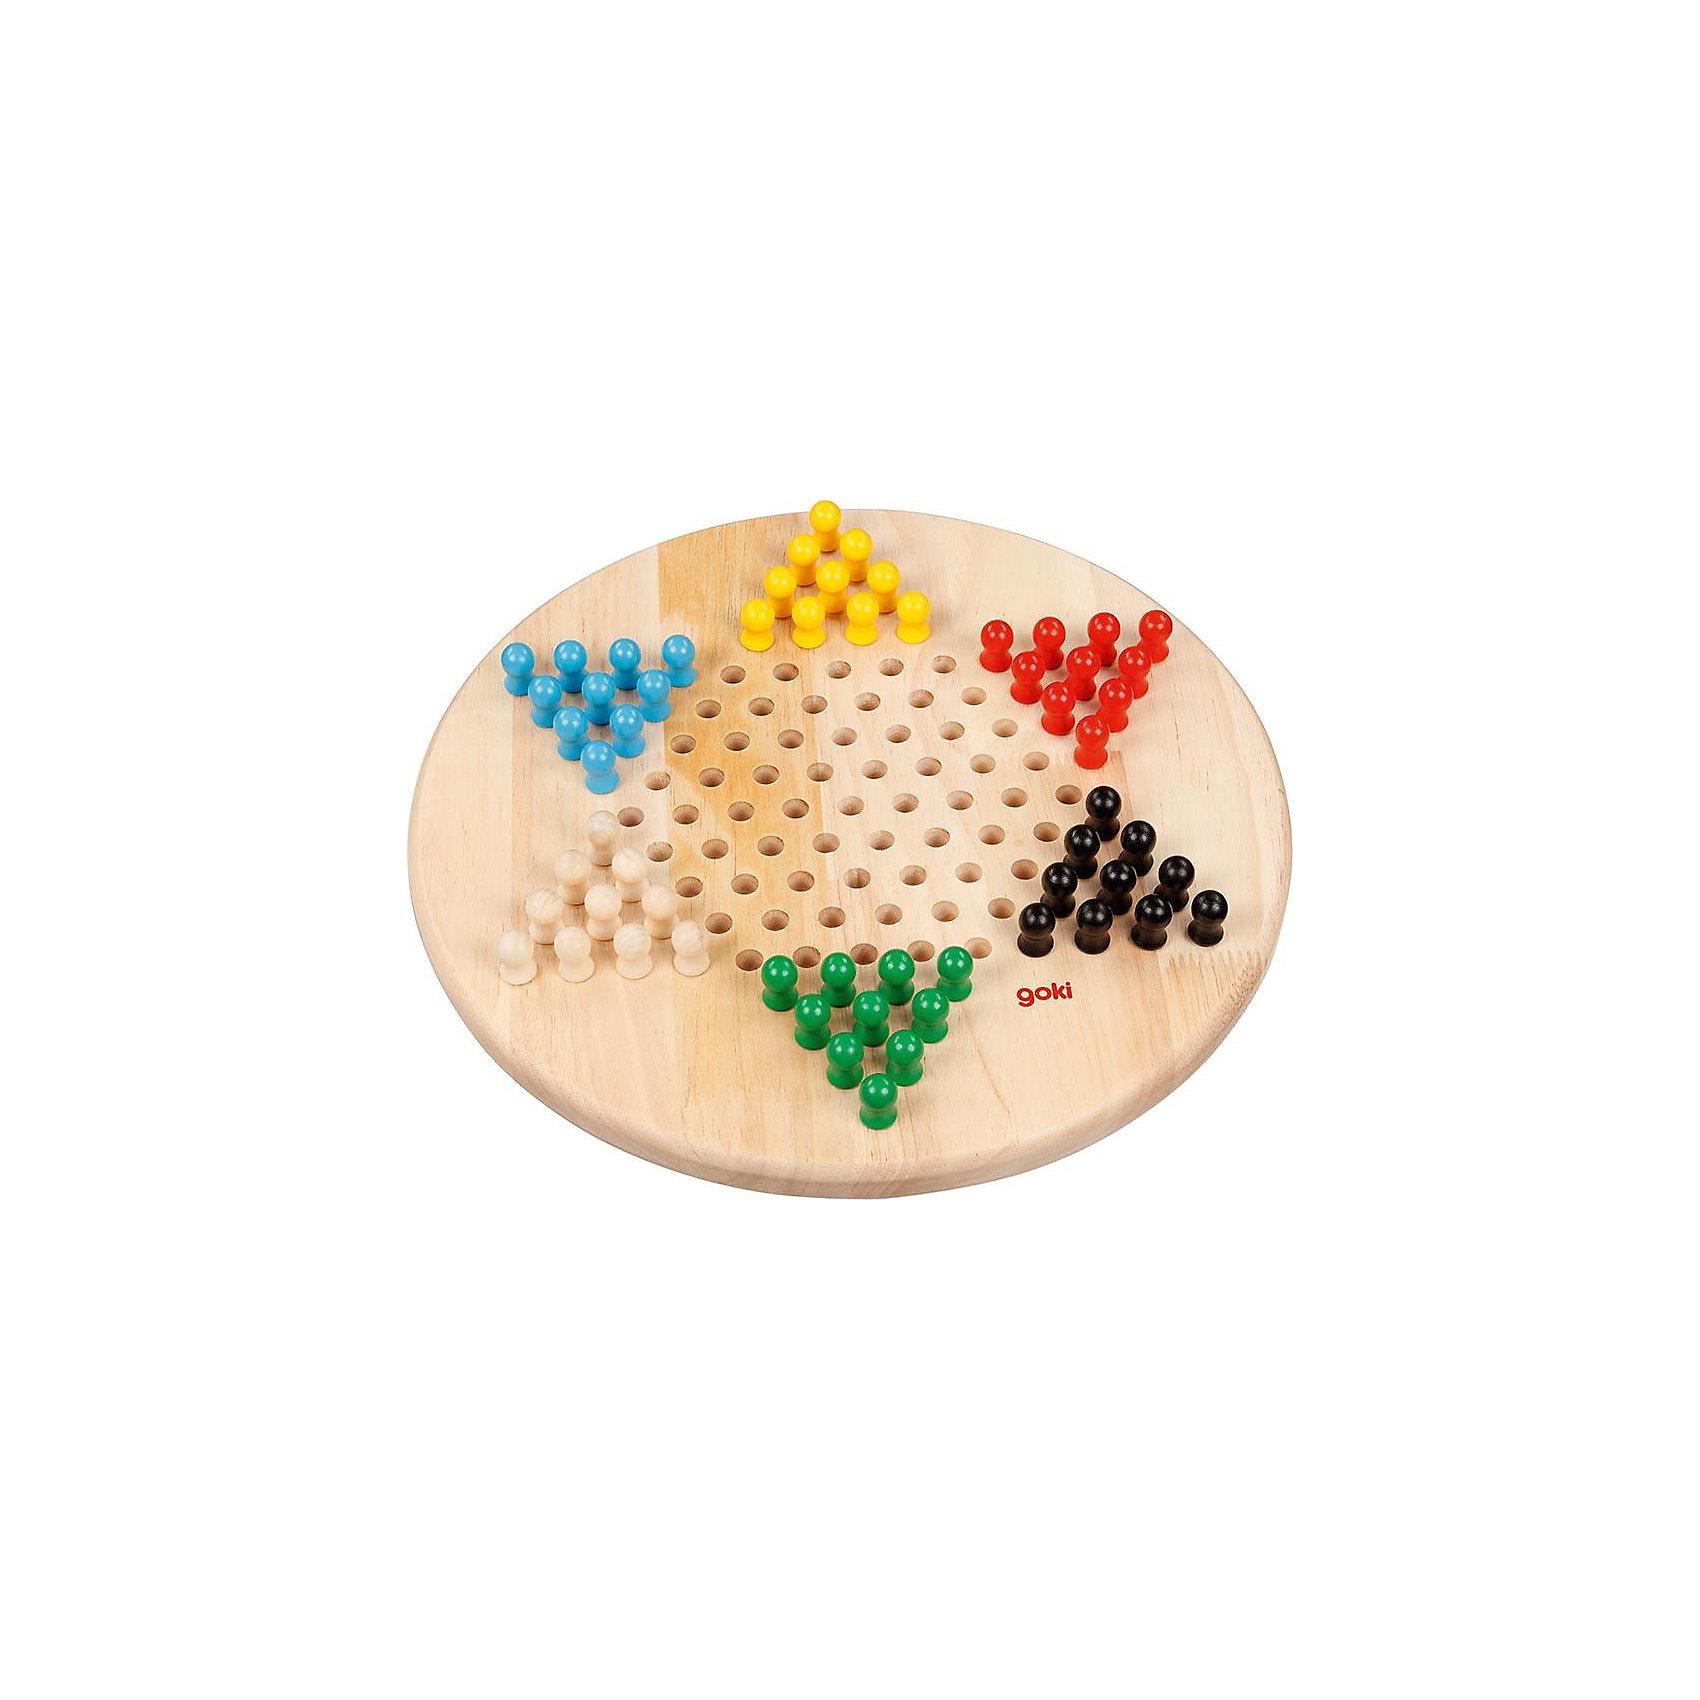 Игра Китайские шашки, gokiИнтересная стратегическая игра, в которую могут играть от 2-х до 6-ти человек.<br><br>Целью игры является первым поставить свои 10 фигур на другую сторону доски.<br><br>Каждый игрок выбирает цвет своих фигур и устанавливает их в предназначенное для него острие звезды. Начинает самый молодой игрок и одной из своих фигур из второго ряда перепрыгивает любую фигуру из первого ряда.<br><br>Всегда ходят только своей фигурой. Фигура ставится на свободное поле, которое находится прямо возле нее. При этом разрешается ставить вперед, вбок или назад.<br>Другие фигуры, также и других игроков, разрешается перепрыгивать, если расположенное за нею место свободно.<br><br>Во время хода можно перепрыгивать многие другие фигуры, а также после прыжка менять направление. Также во время хода возможно с одного острия звезды поставить в другое.<br>Как только фигура достигла расположенного напротив острия звезды, ей не разрешается больше покидать острие, а только там передвигаться.<br><br>Игрок не может препятствовать выигрышу тем, что его острие звезды занимается чужими фигурами. В этом случае игрок выигрывает и тогда, если оставшиеся поля заняты его собственными фигурами.<br>Если играют менее 6 игроков, разрешается ставить в стоящие пустыми острия звезды.<br>Фигуры не разрешается убирать с доски.<br><br>Дополнительная информация:<br><br>Материал: дерево.<br>Диаметр: 29 см.<br>В комплекте: 1 доска, 60 фигур для игры.<br><br>Ширина мм: 200<br>Глубина мм: 50<br>Высота мм: 40<br>Вес г: 1500<br>Возраст от месяцев: 72<br>Возраст до месяцев: 1188<br>Пол: Унисекс<br>Возраст: Детский<br>SKU: 2456952